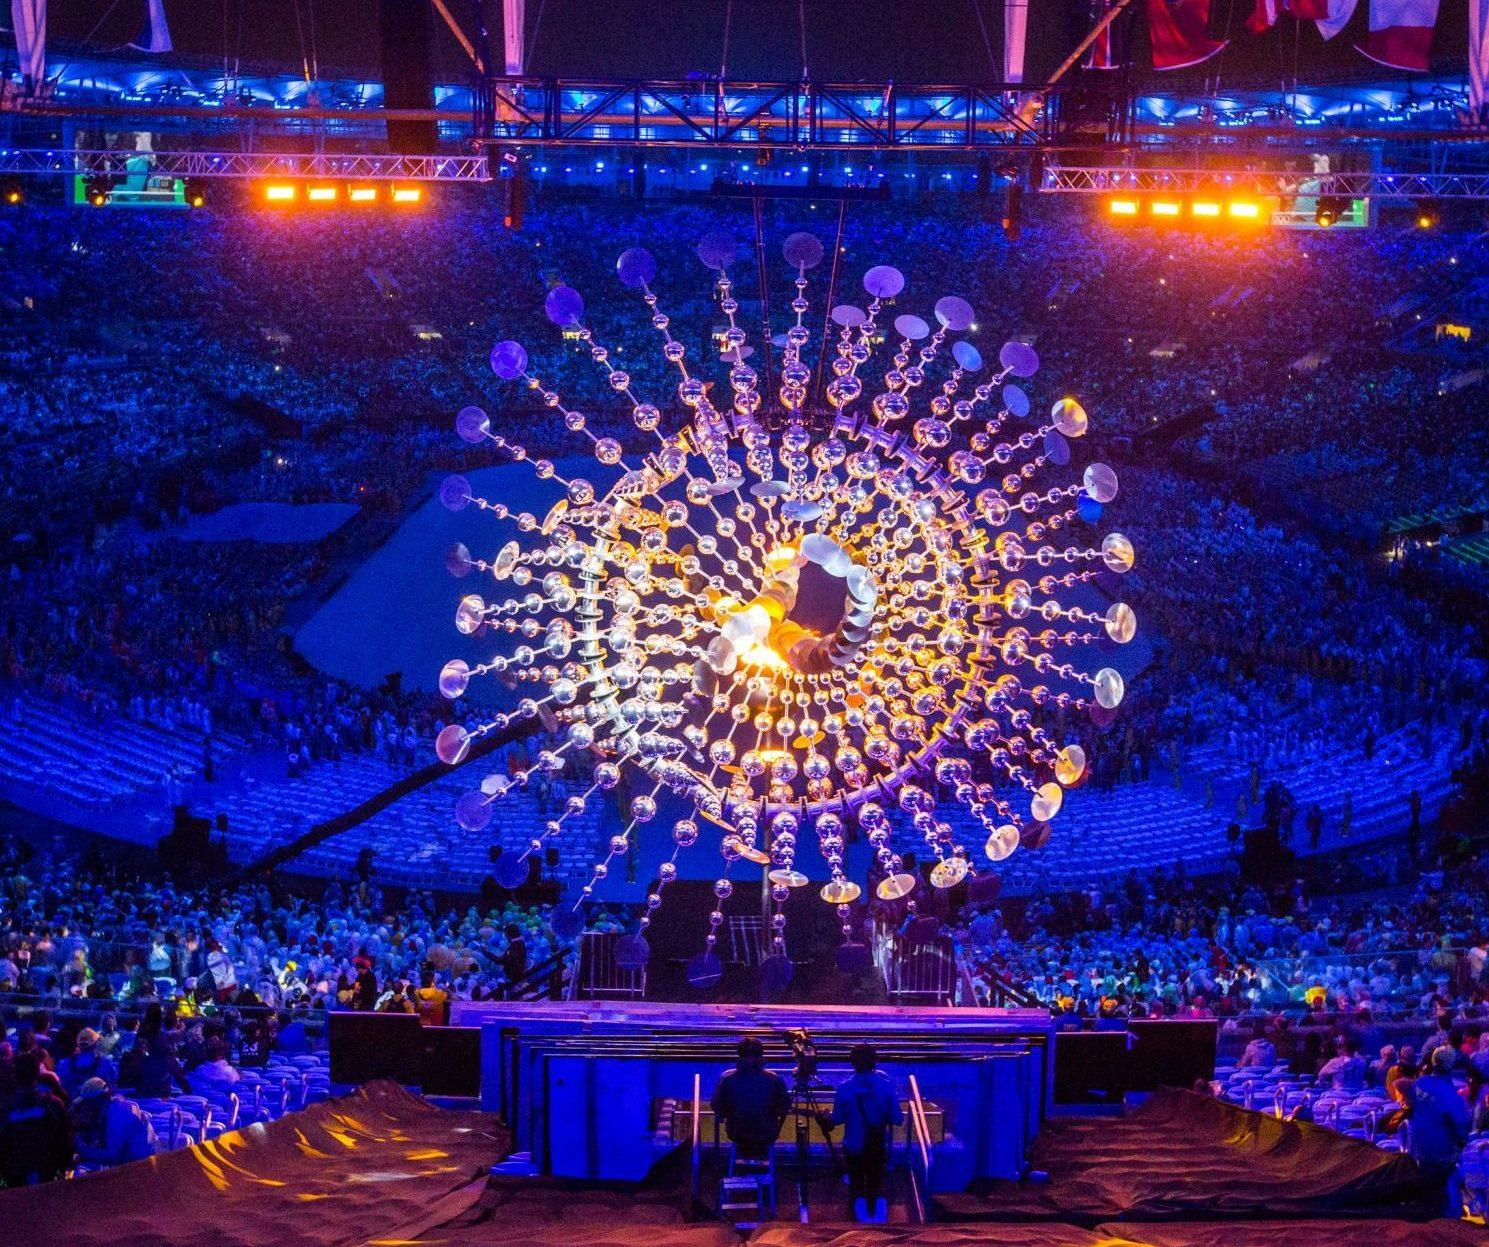 Le soleil - Sculpture cinétique - Jeux olympiques de Rio